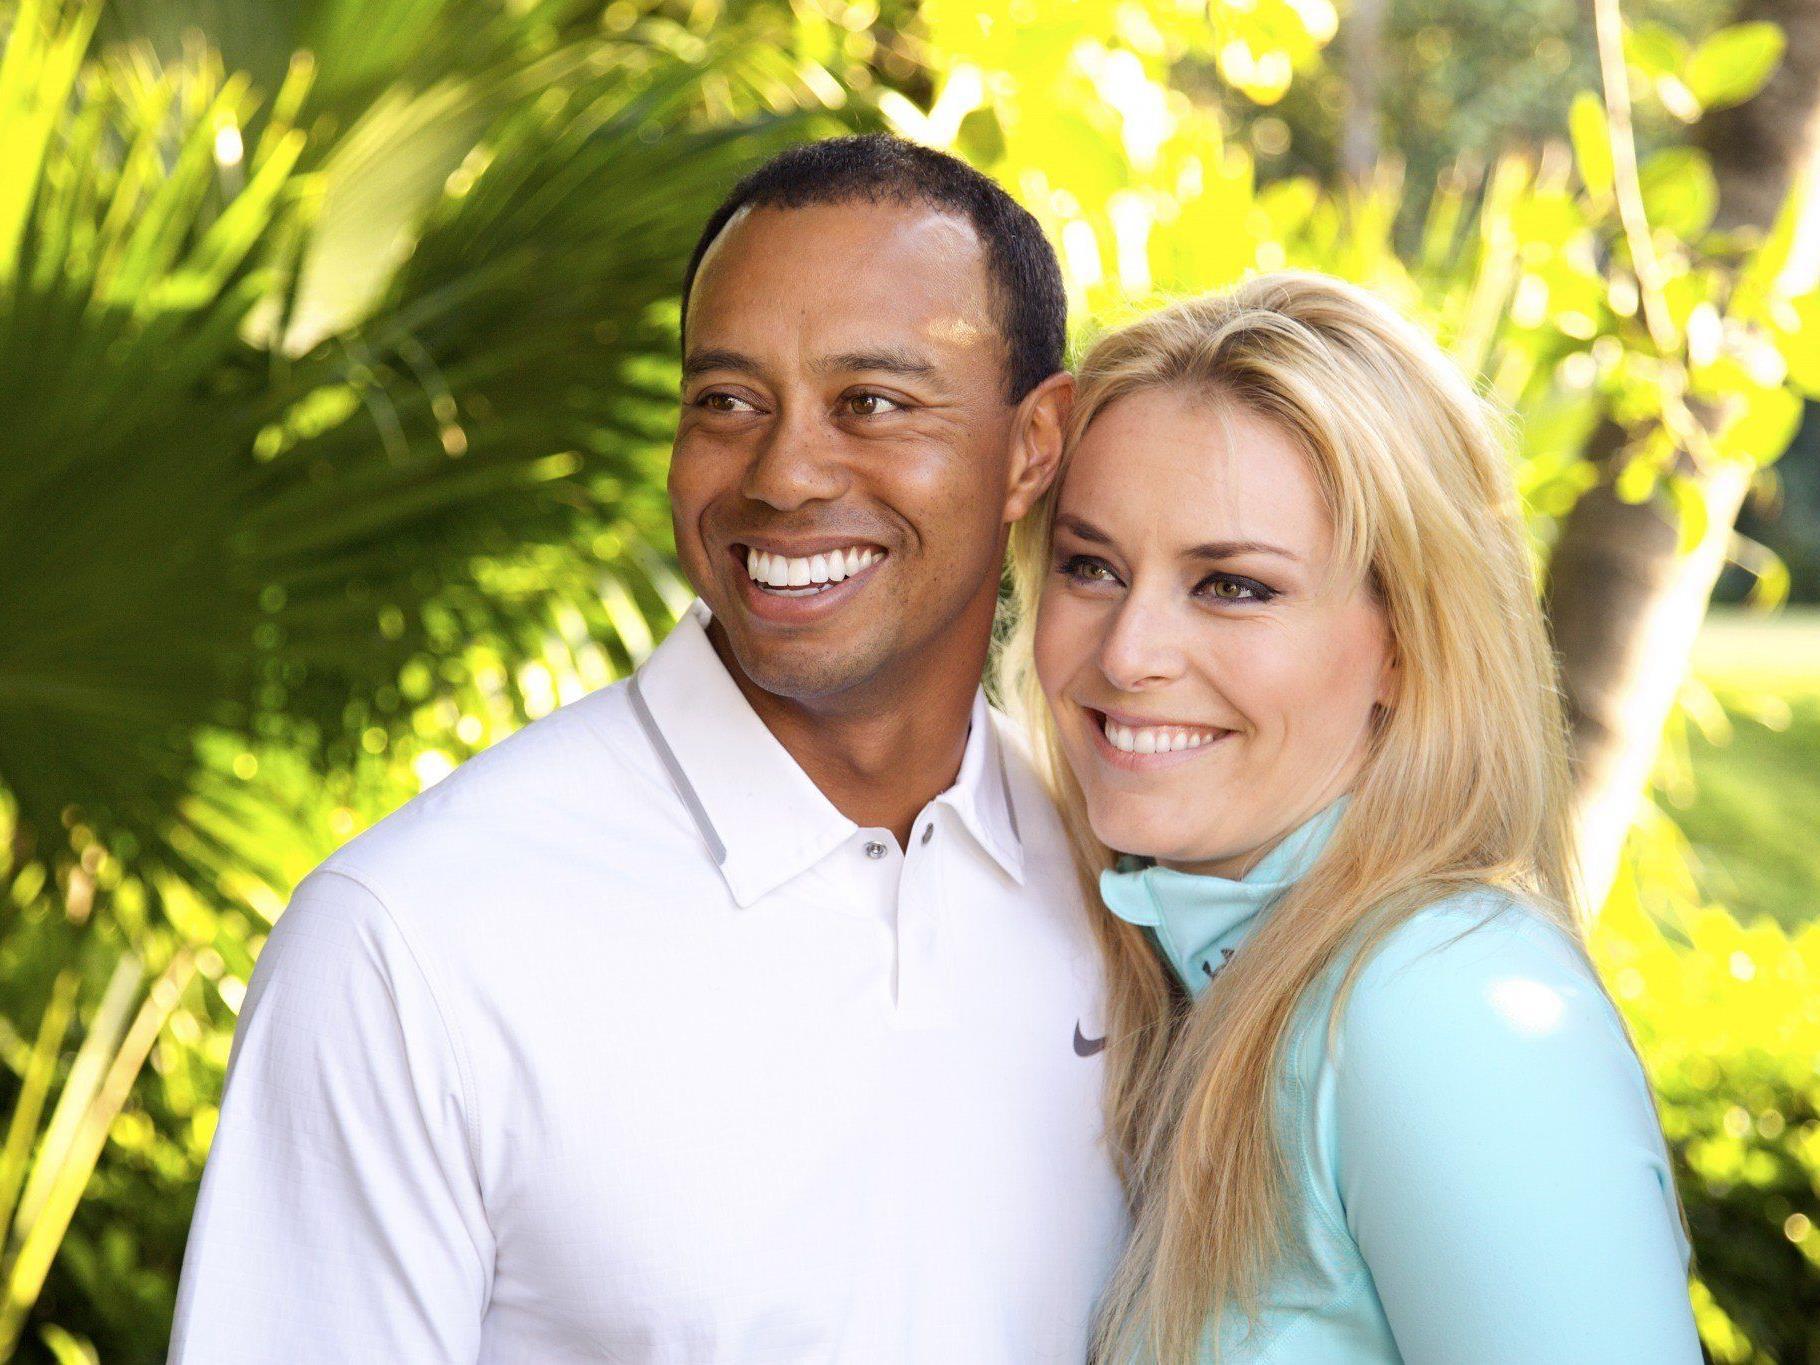 Sportliche Beziehung: Vonn und Woods sind ein Paar